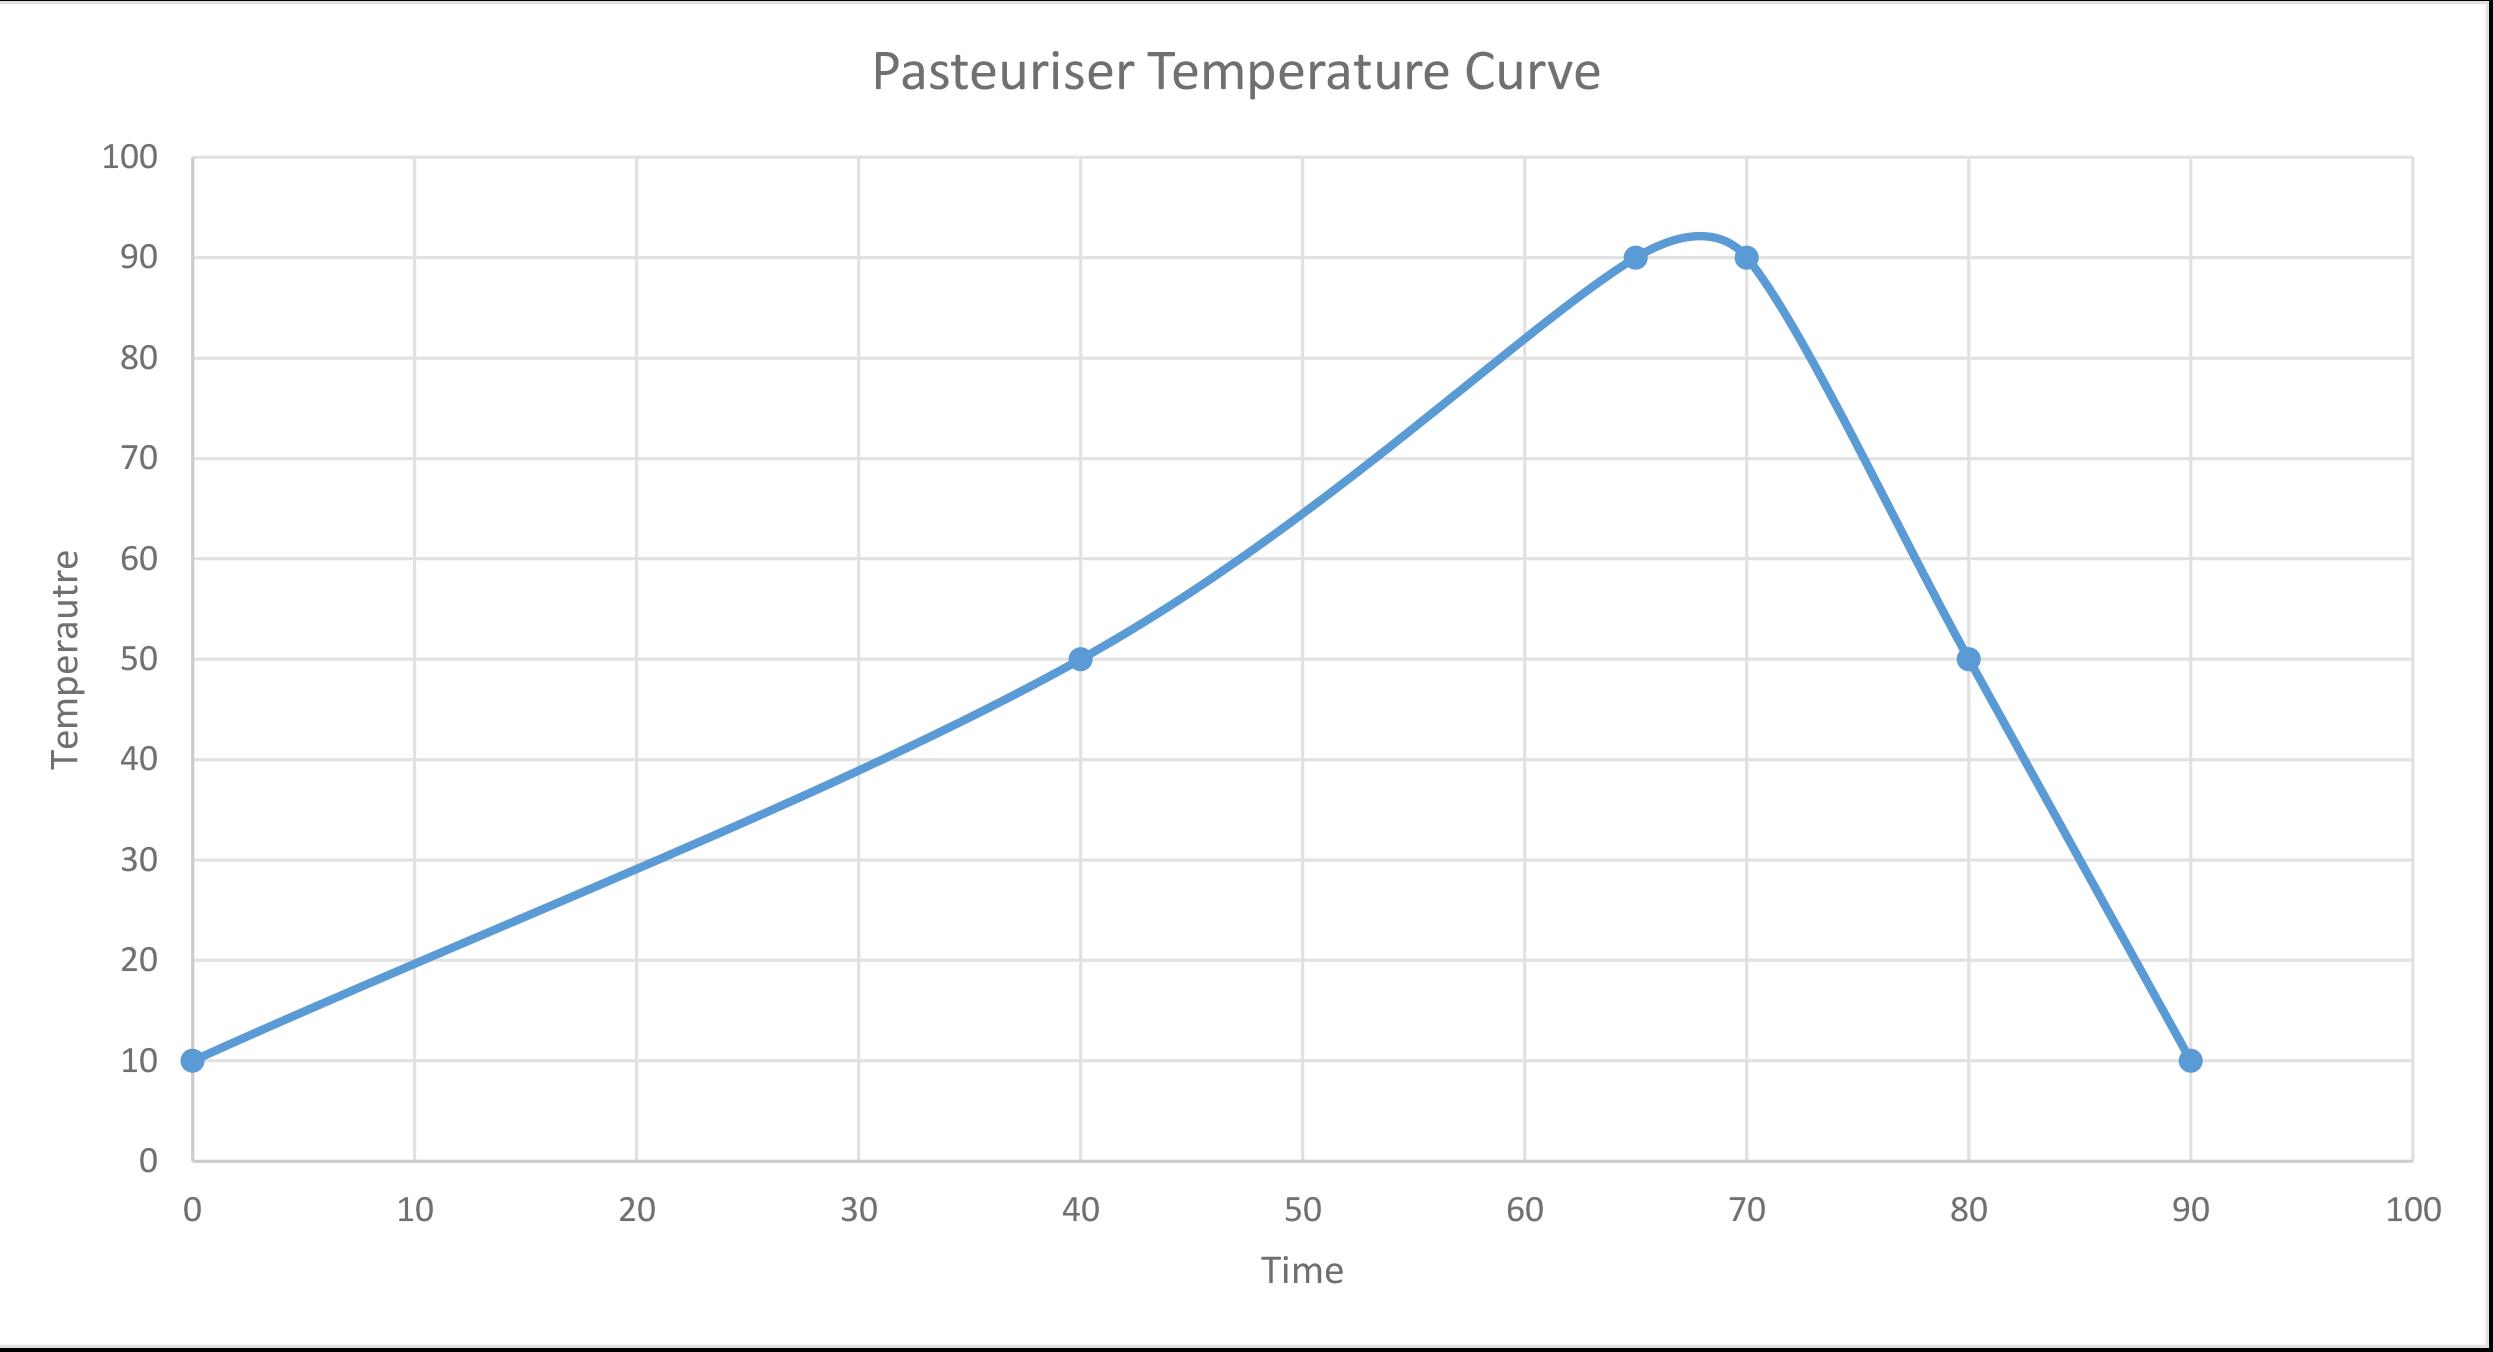 Pasteuriser Temperature Curve